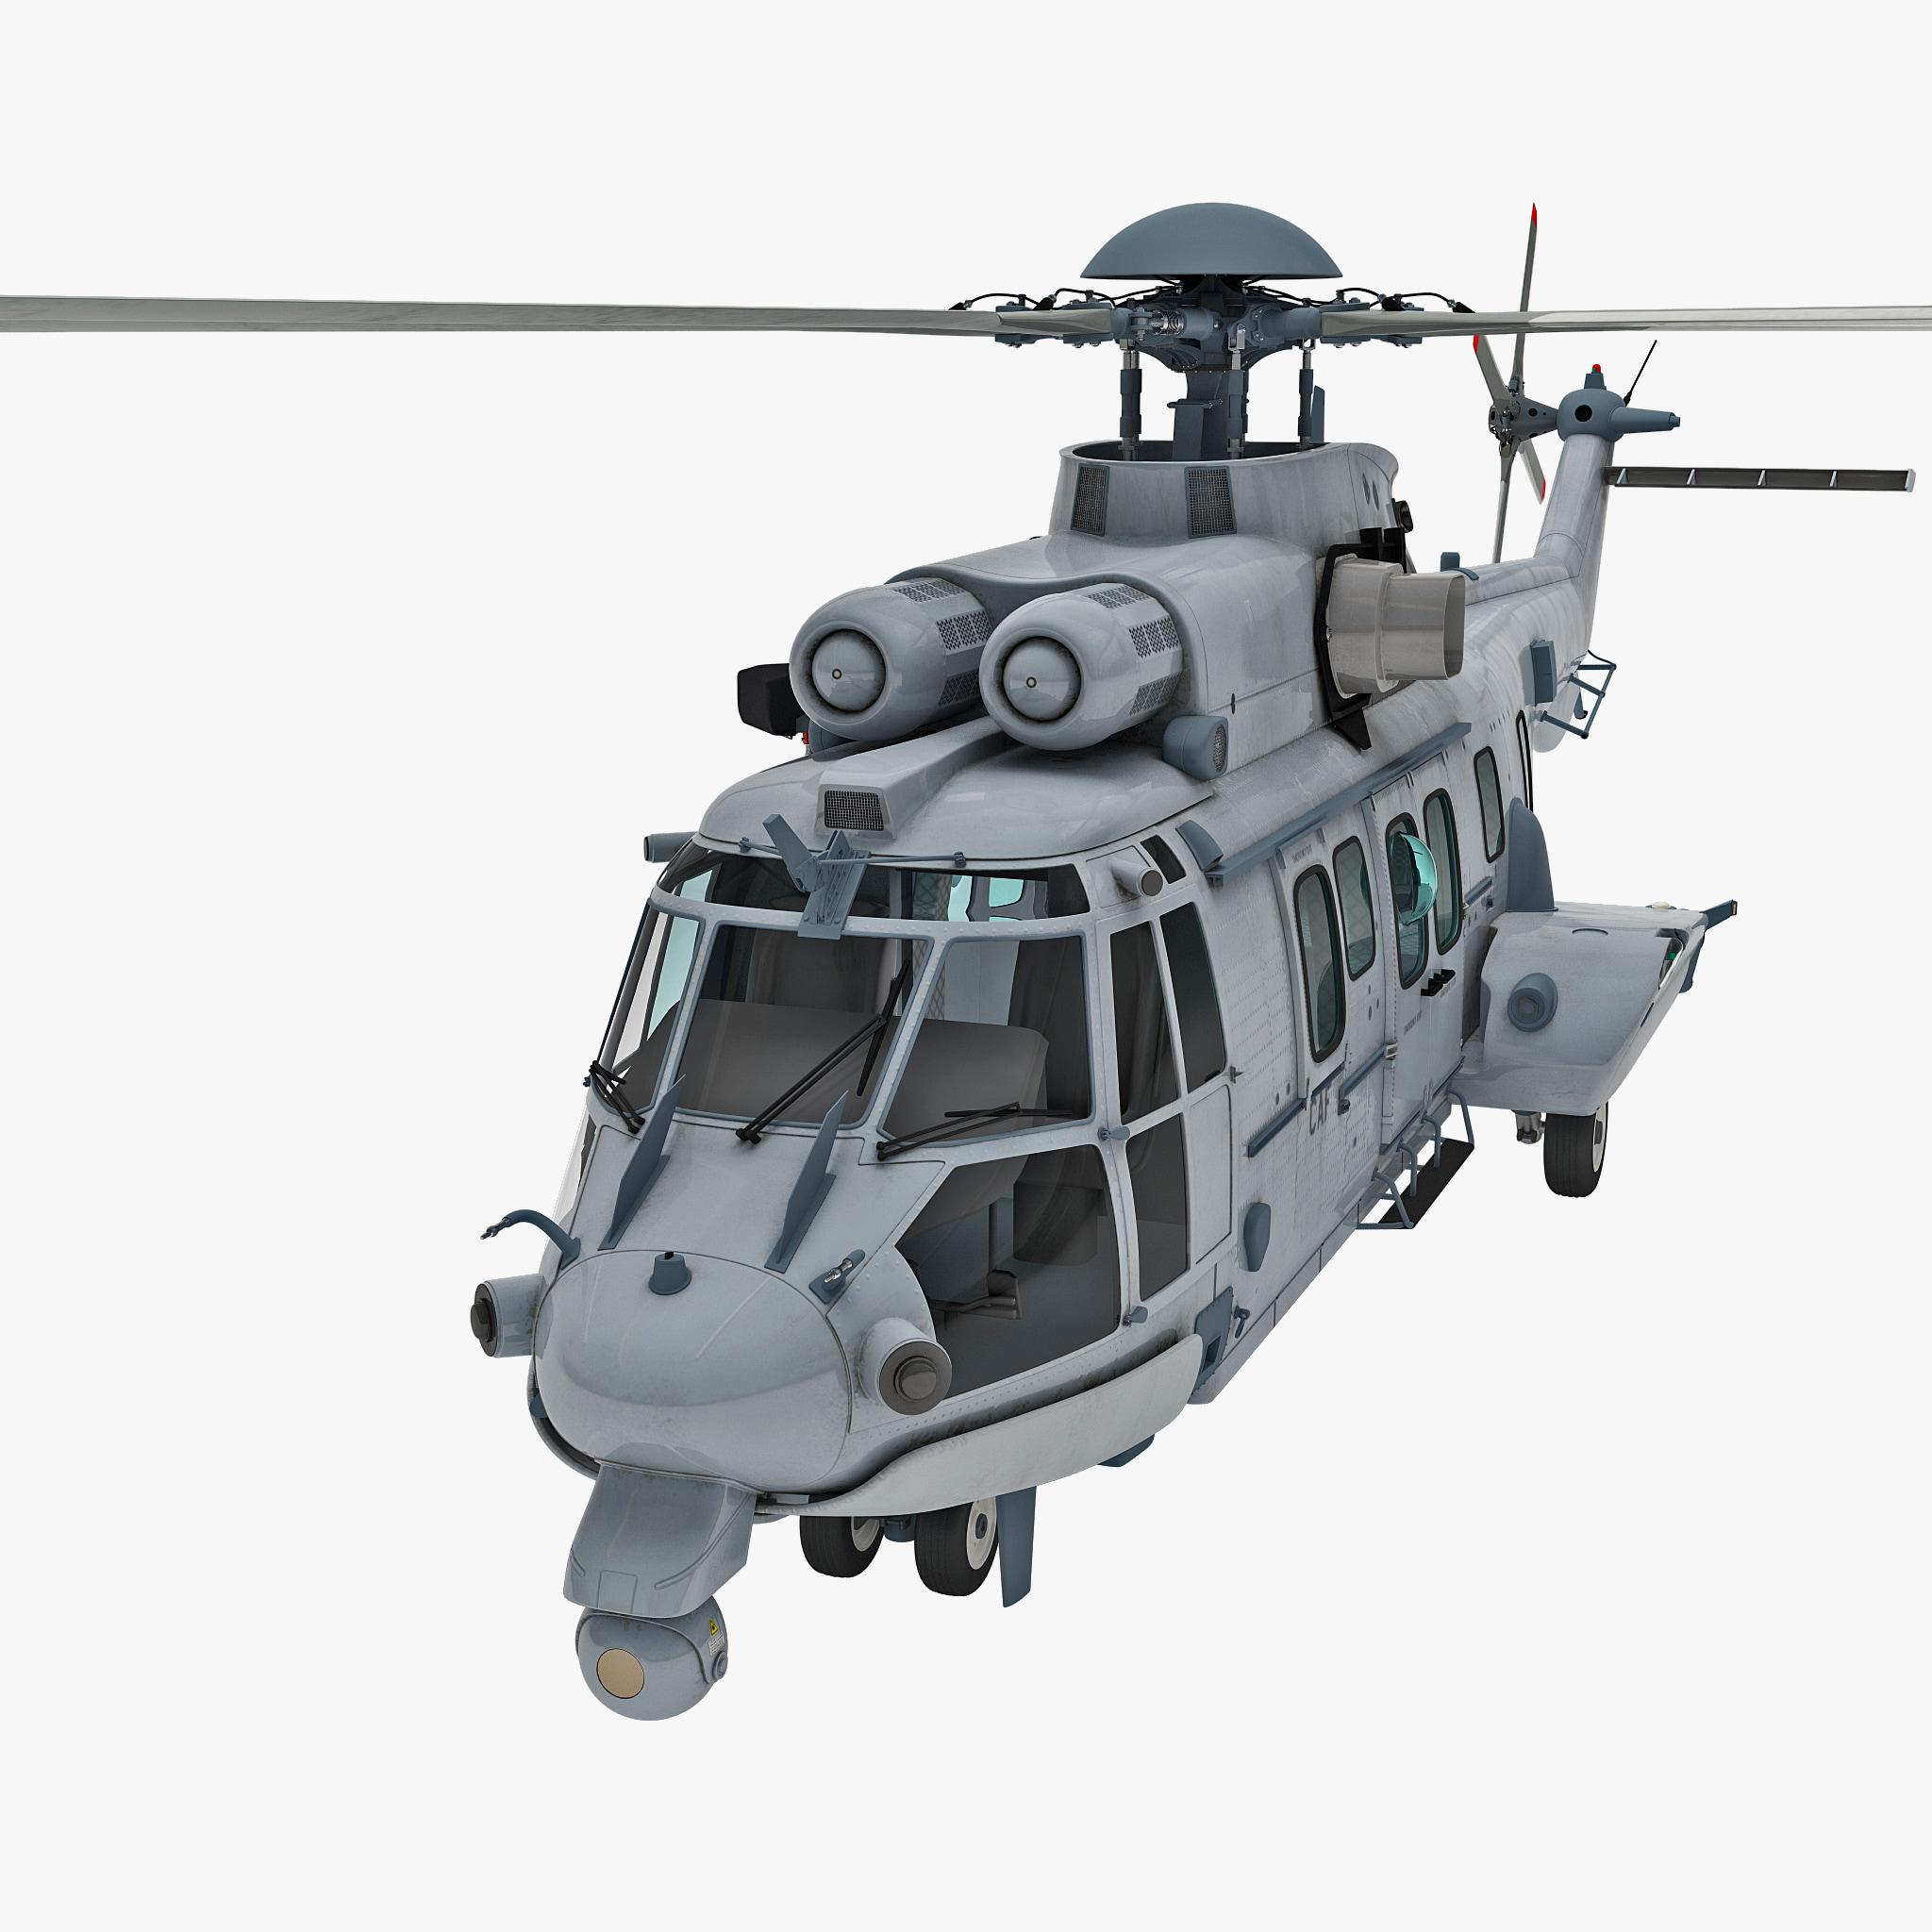 3d model euro ec725 caracal tactical